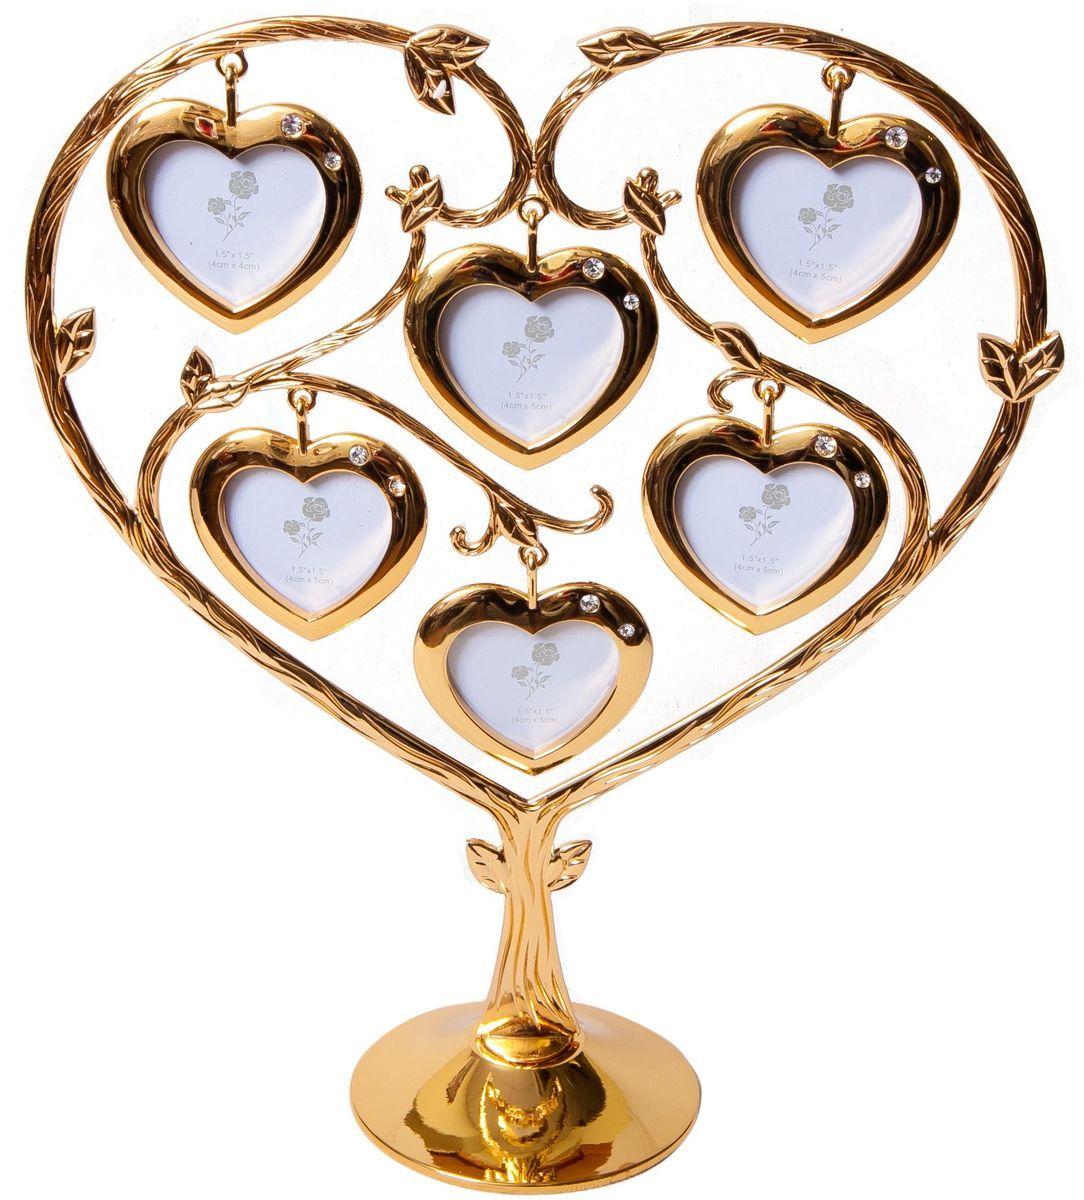 Фоторамка Platinum Дерево. Сердца, цвет: золотистый, на 6 фото, 4 x 5 см. PF9902SGUP210DFДекоративная фоторамка Platinum Дерево. Сердца выполнена из металла. На подставку в виде деревца подвешиваются шесть фоторамок в форме сердец. Фоторамка украшена стазами. Изысканная и эффектная, эта потрясающая рамочка покорит своей красотой и изумительным качеством исполнения. Фоторамка Platinum Дерево. Сердца не только украсит интерьер помещения, но и поможет разместить фото всей вашей семьи. Высота фоторамки: 25,5 см. Фоторамка подходит для фотографий 4 x 5 см.Общий размер фоторамки: 22 х 6 х 25,5 см.